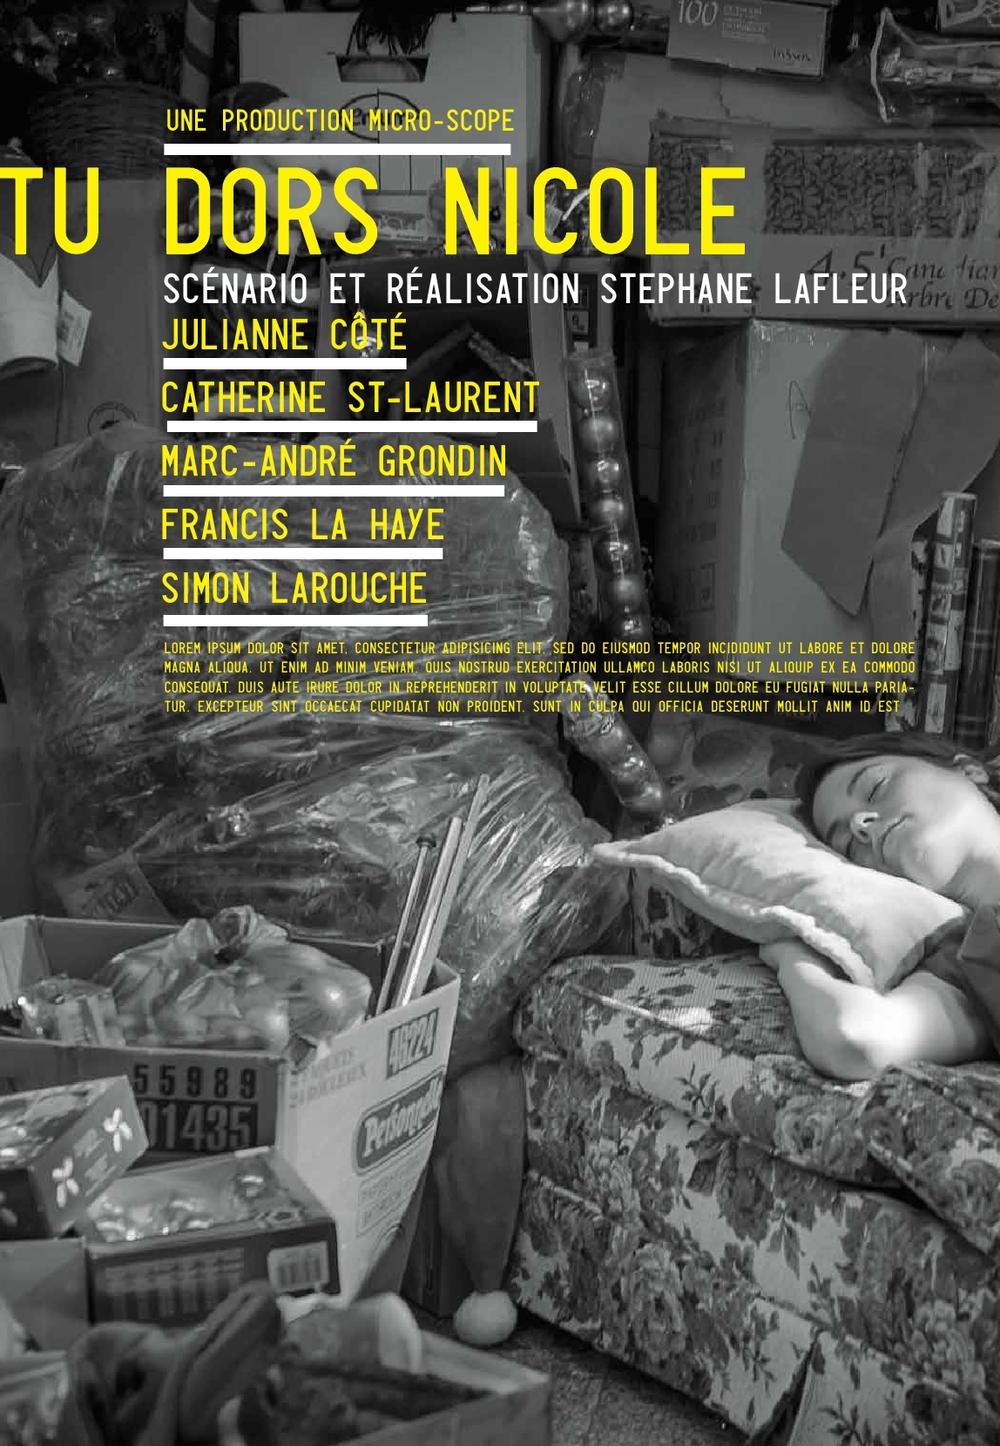 RENZO-TuDorsNicole-Poster-7fev_00016.jpg